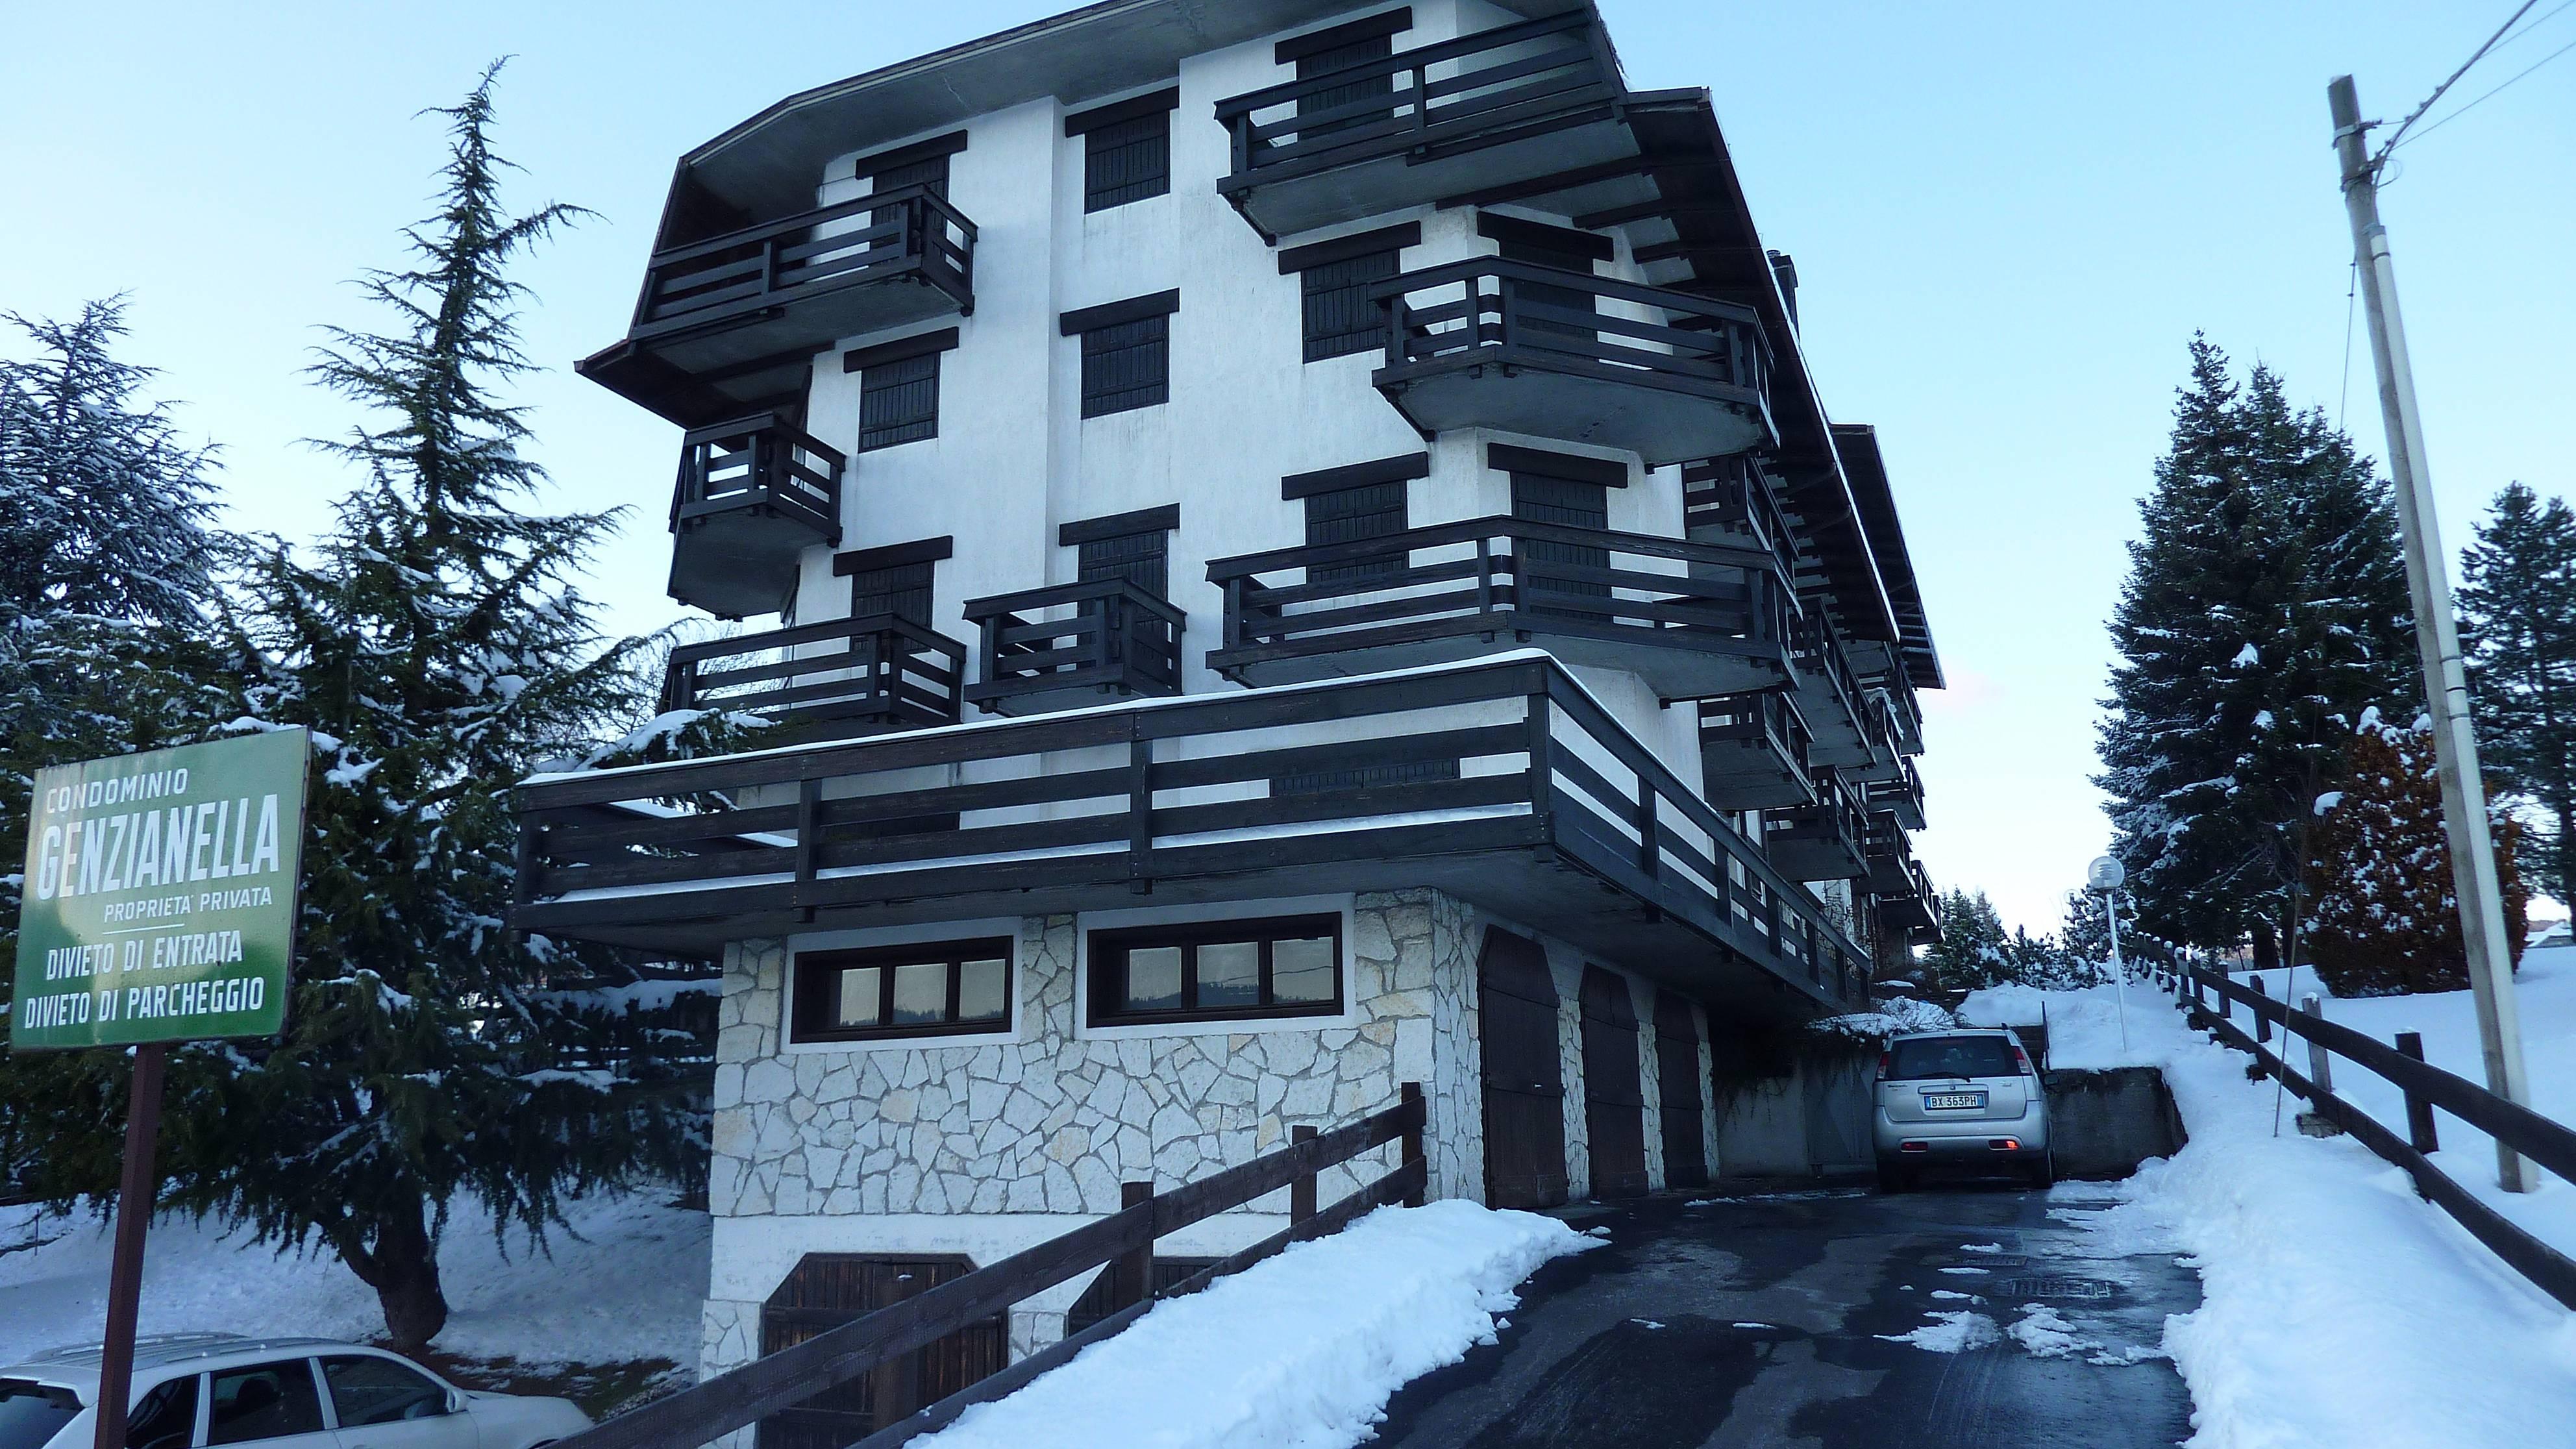 2 appartamenti in affitto altopiano di asiago tresch for Altopiano di asiago appartamenti vacanze